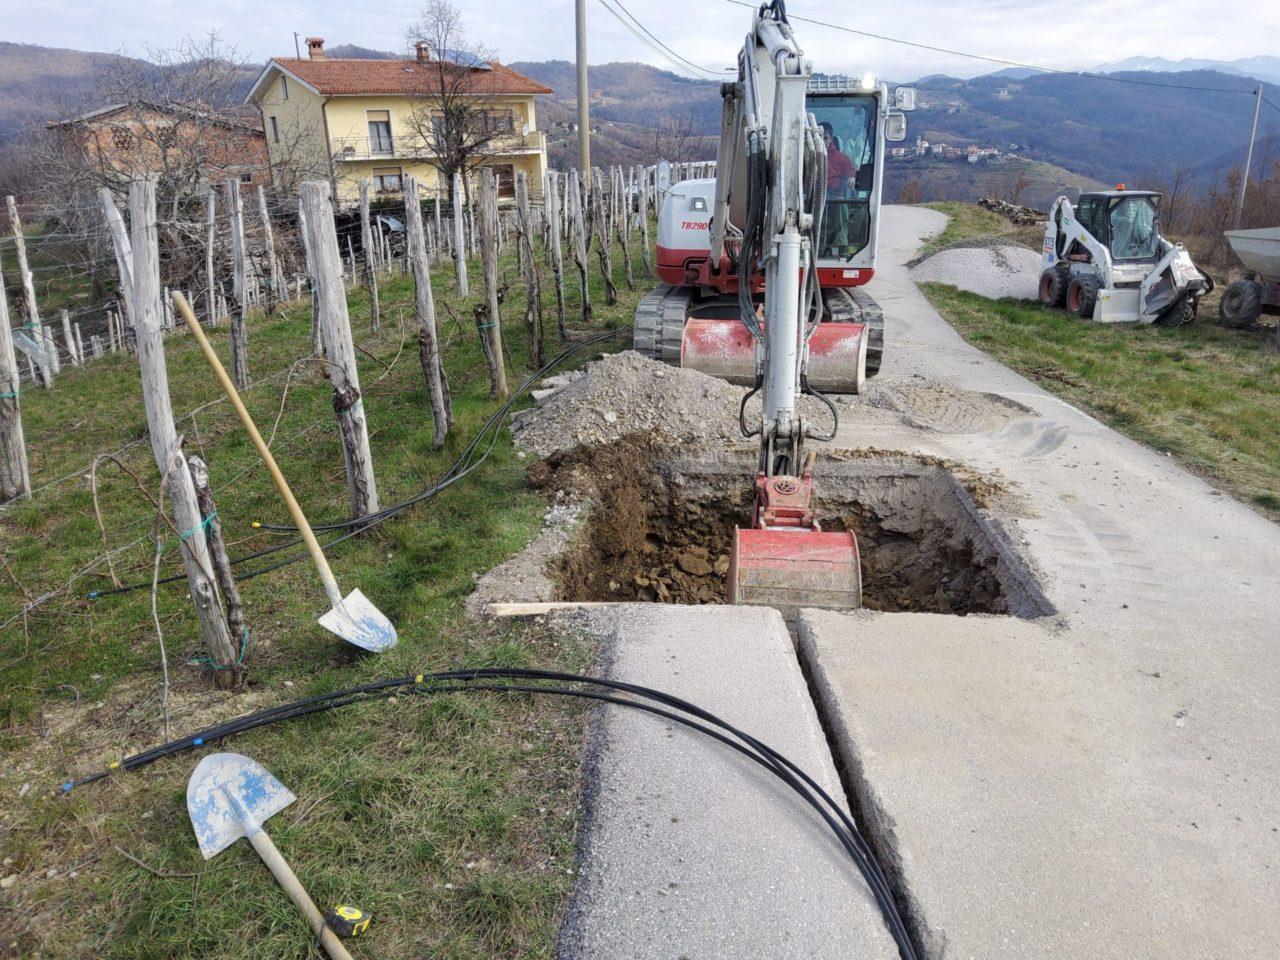 Trasa omrežja RUNE, ki gre iz Višnjevika proti Krasnem